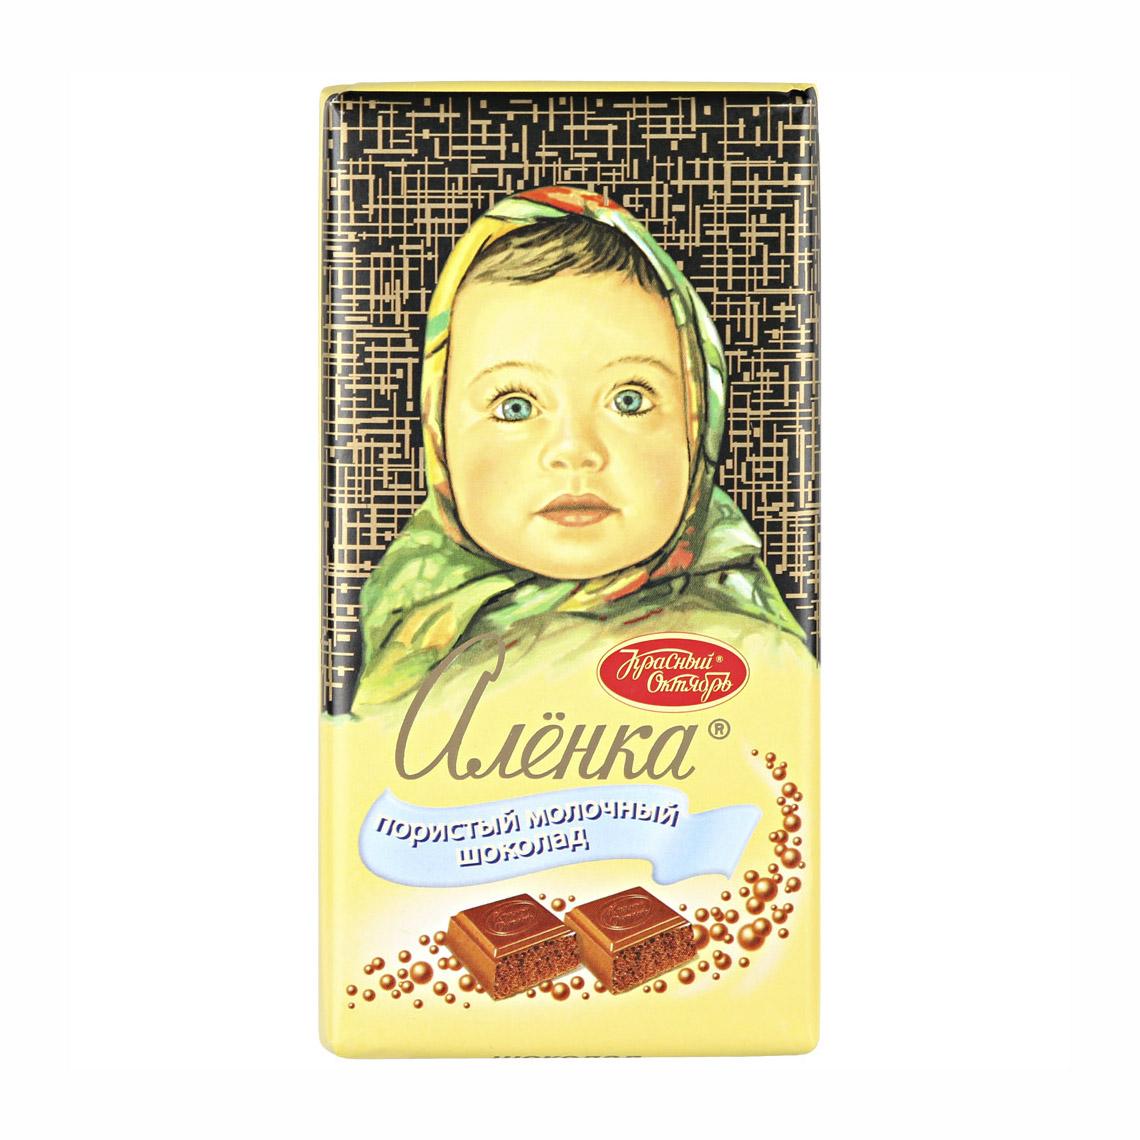 шоколад молочный аленка пористый 95 г Шоколад молочный Аленка пористый 95 г